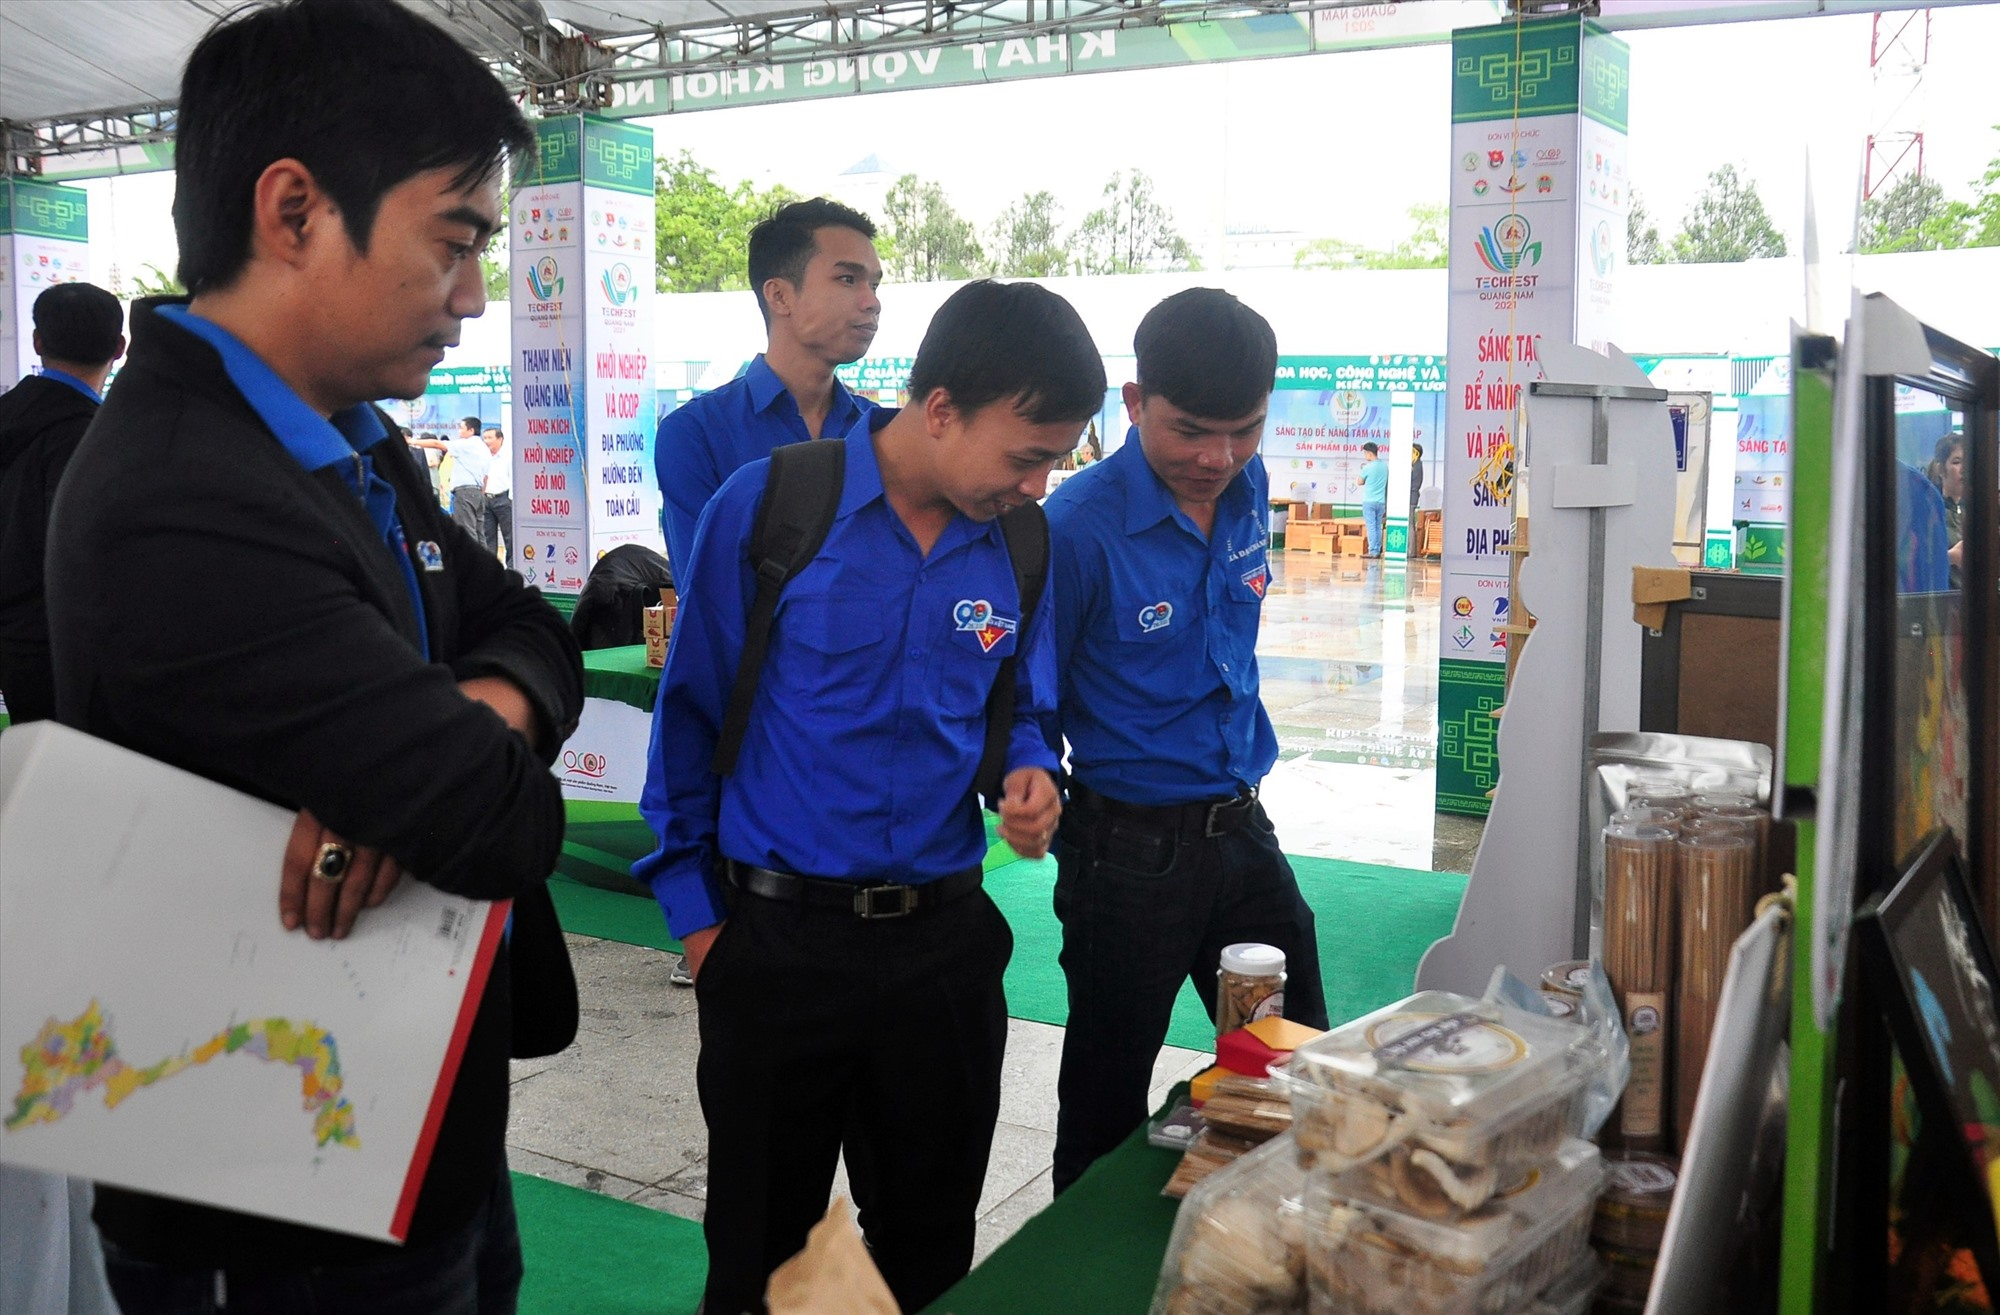 Tham quan gian trưng bày sản phẩm khởi nghiệp thanh niên tại Ngày hội Khởi nghiệp Quảng Nam lần thứ 2. Ảnh: V.A